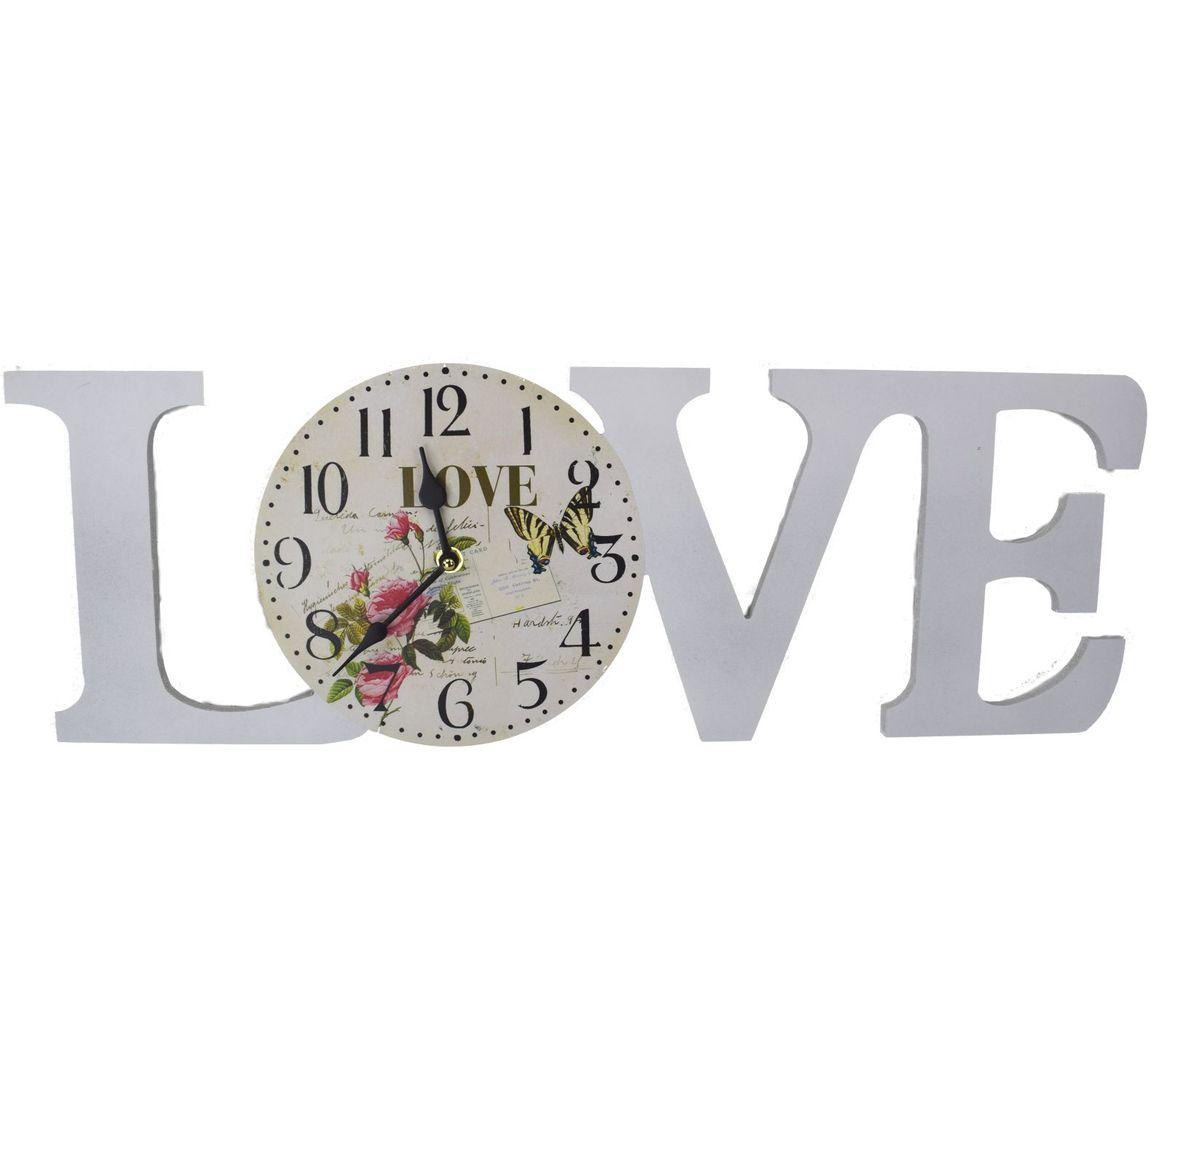 LOVE Schild Deko Dekobuchstaben Buchstaben mit Uhr Wanduhr 60 x 20 cm